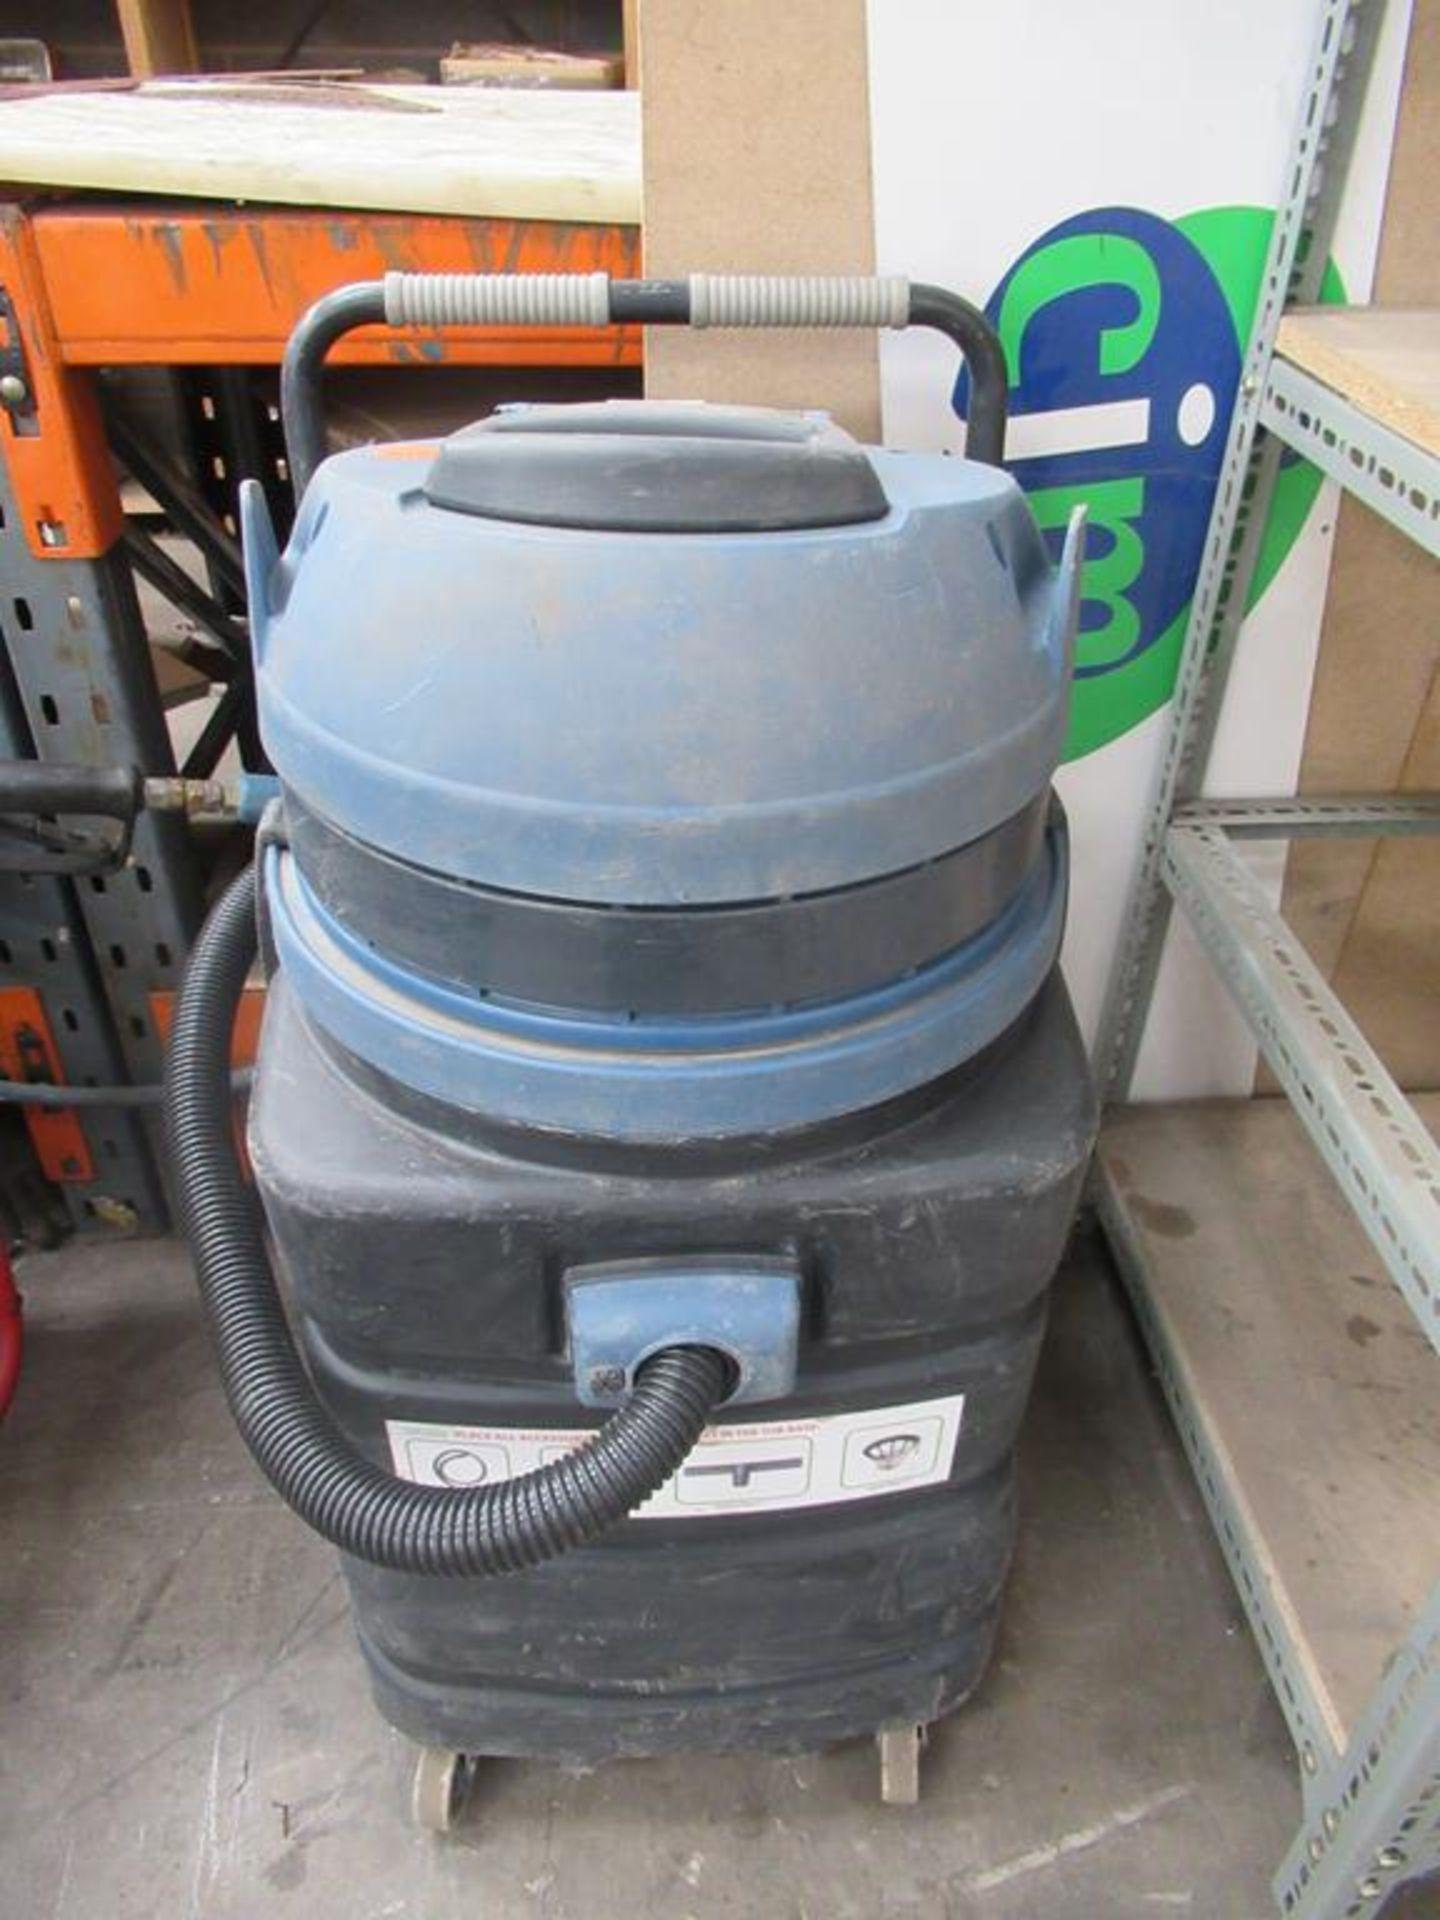 Vegas 429 110V vacuum cleaner